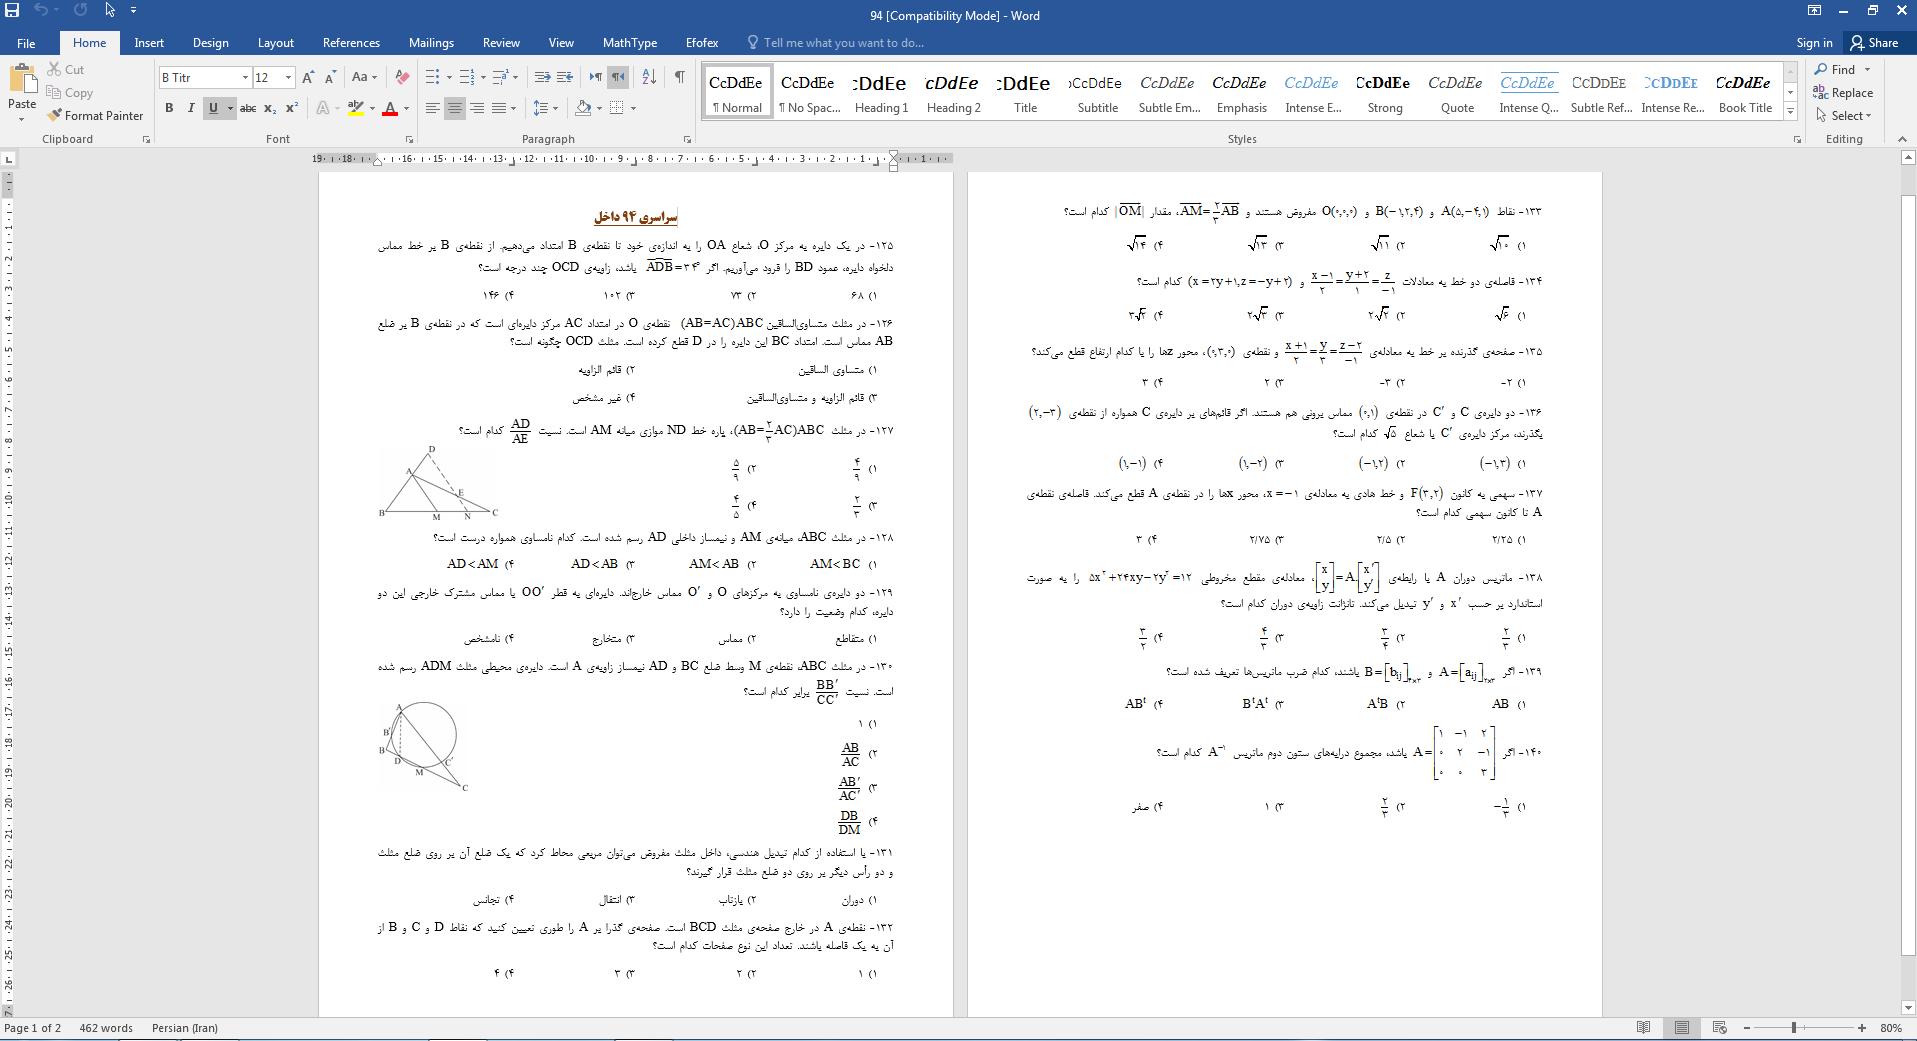 فایل سوالات درس هندسه کنکور سراسری 94 به همراه پاسخنامه